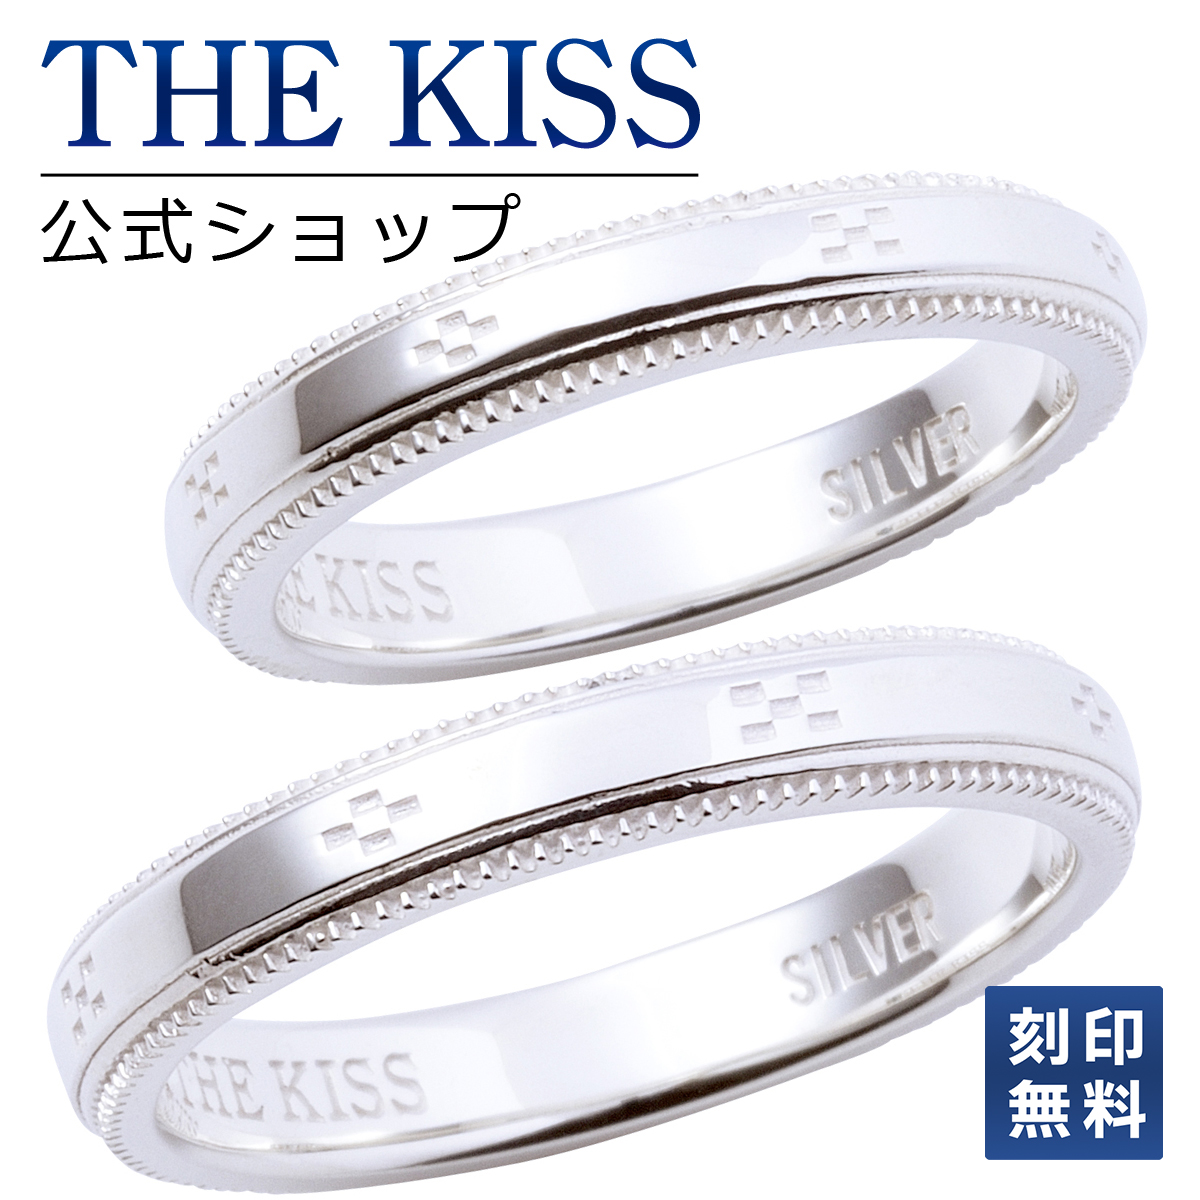 【刻印可_8文字】【あす楽対応】THE KISS 公式サイト シルバー ペアリング ダイヤモンド ペアアクセサリー カップル に 人気 の ジュエリーブランド THEKISS ペア リング・指輪 記念日 プレゼント SR2436BDM-2437BDM セット シンプル 男性 女性 2個ペア ザキス 【送料無料】